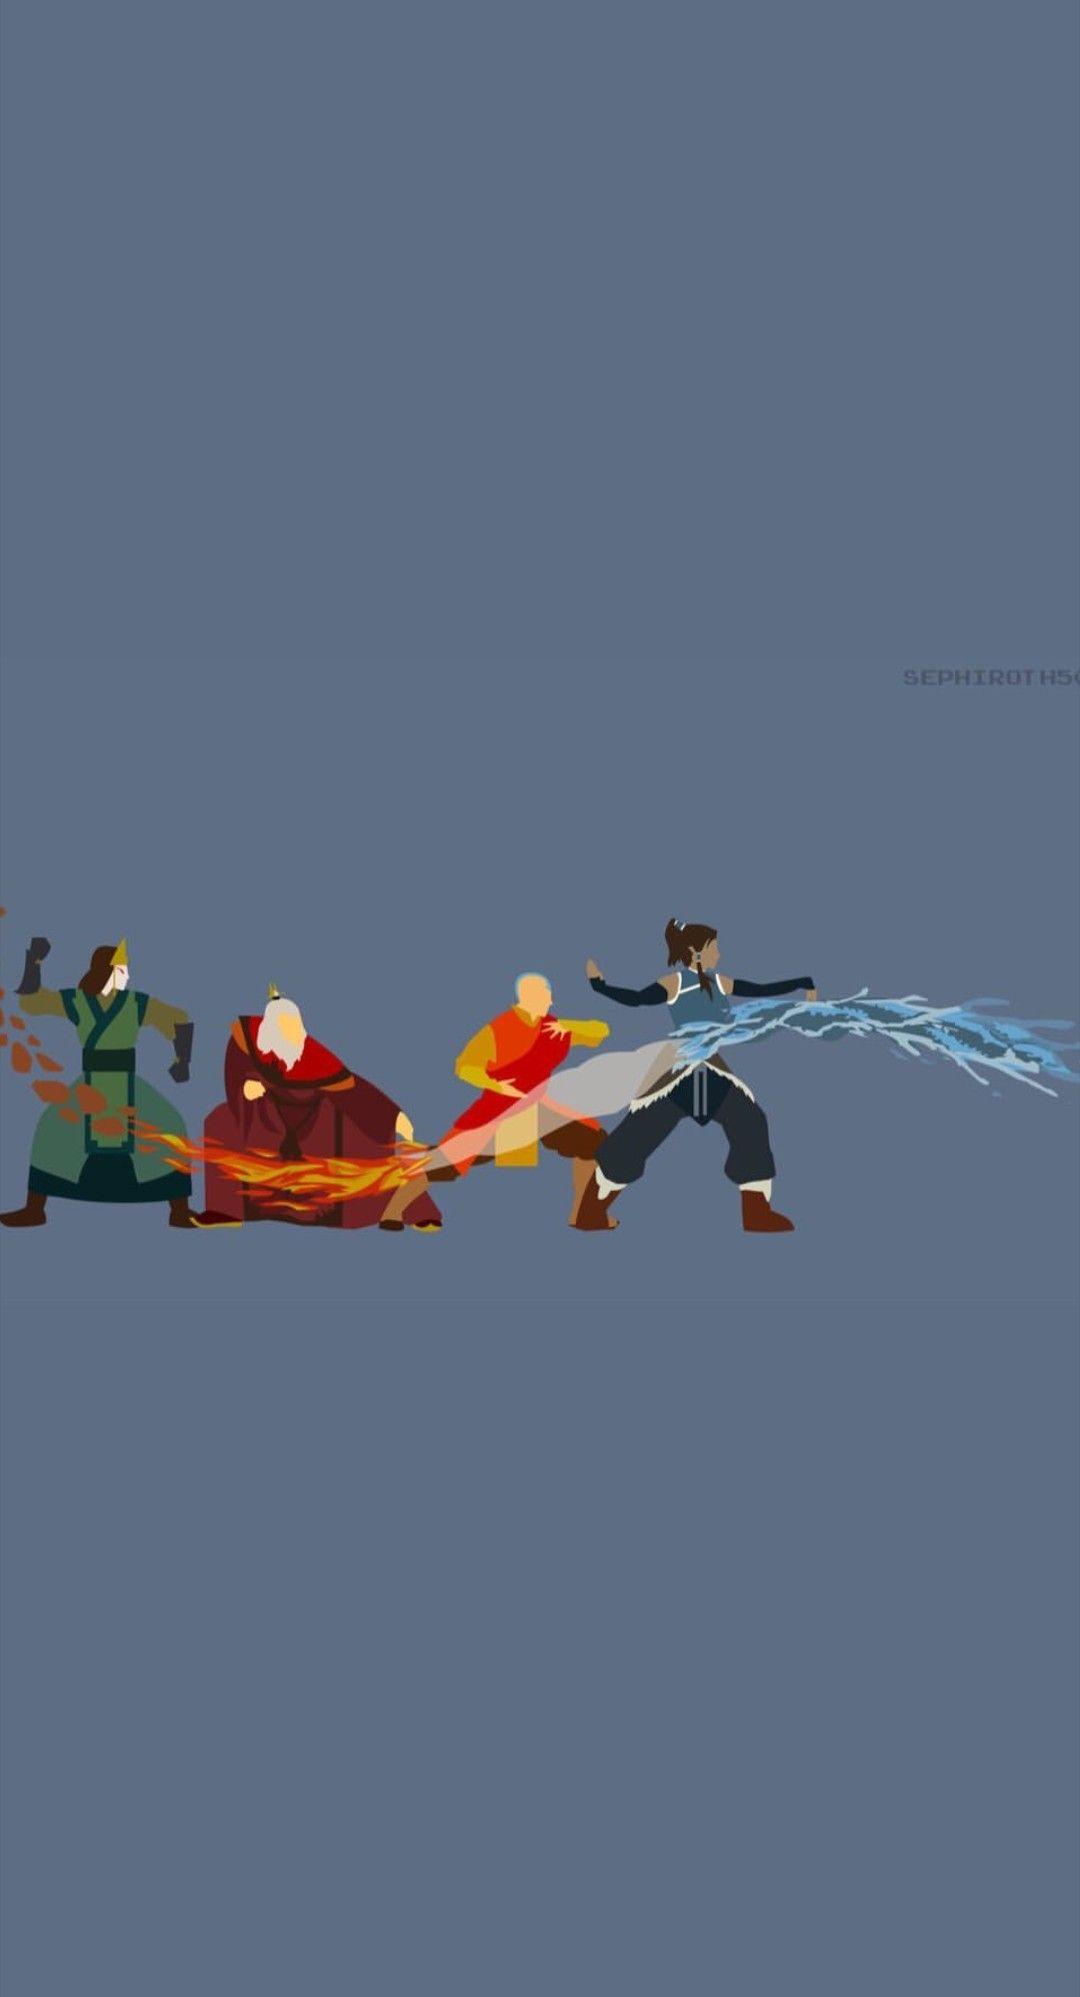 Avatar Wallpaper Avatar The Last Airbender Avatar Aang Avatar The Last Airbender Art